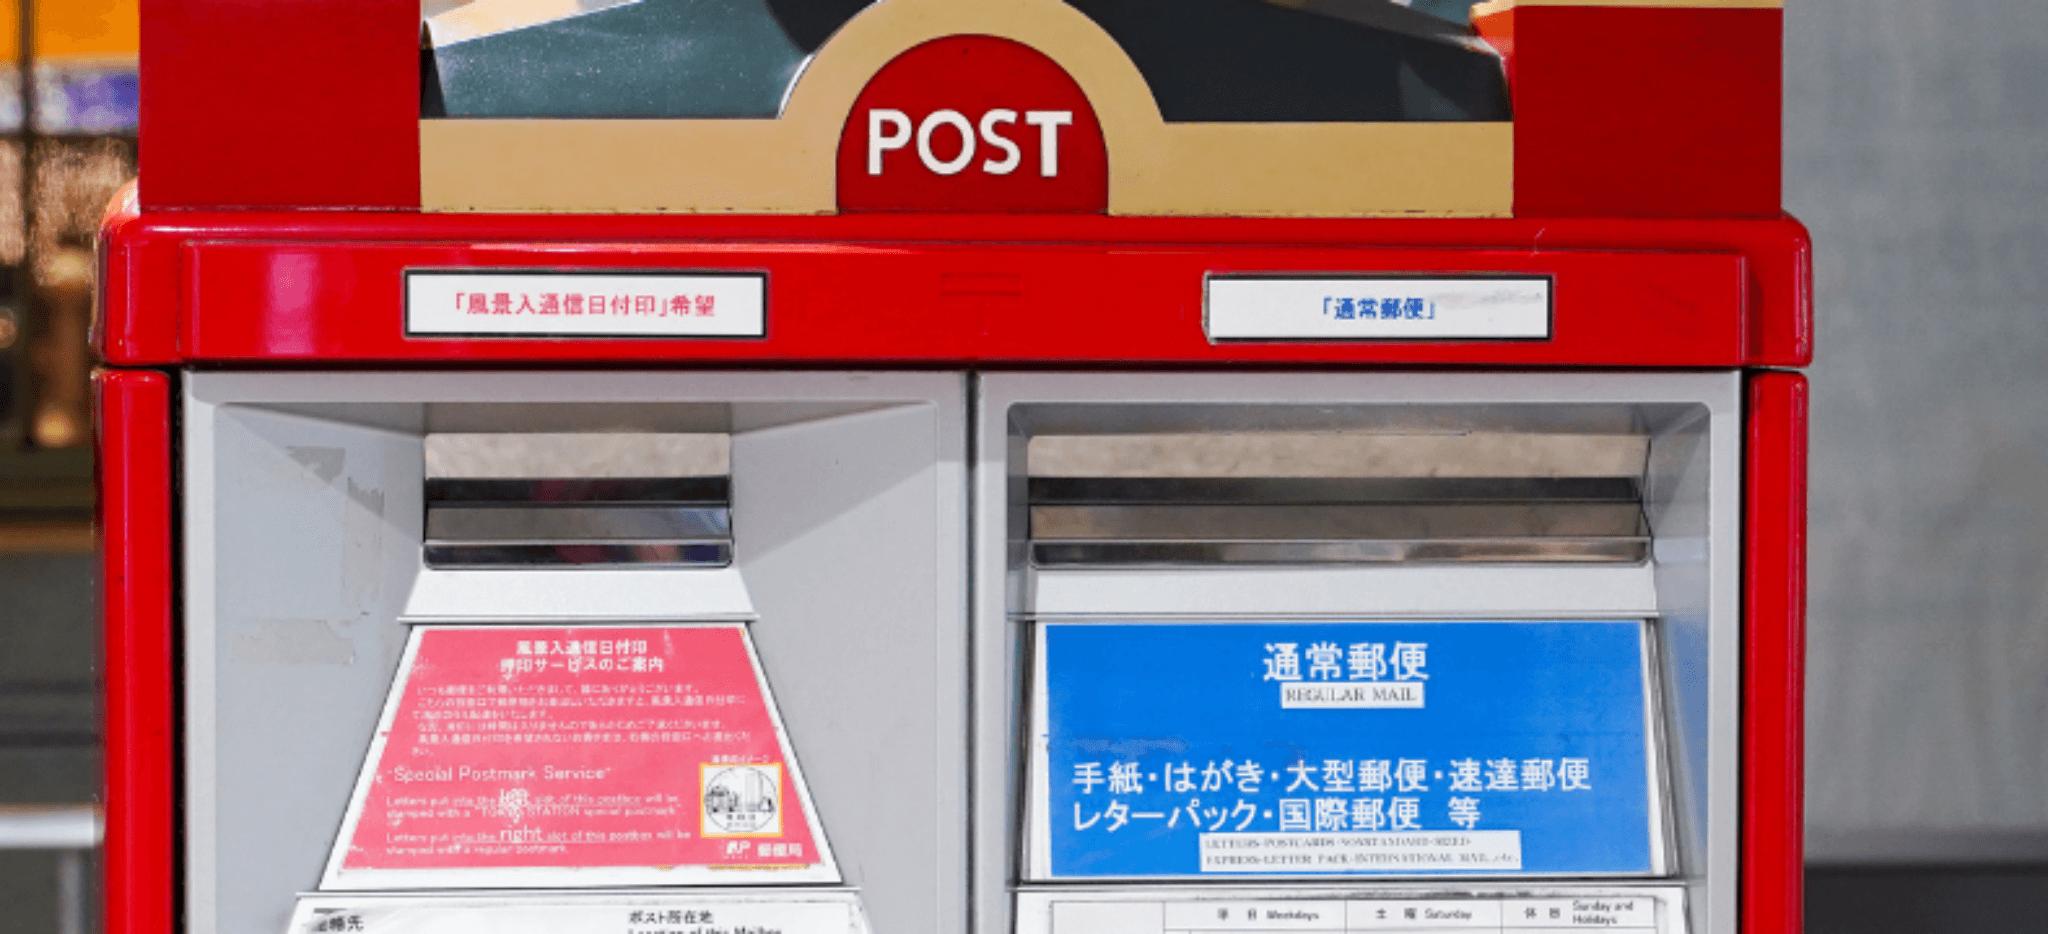 Paket nach Japan schicken